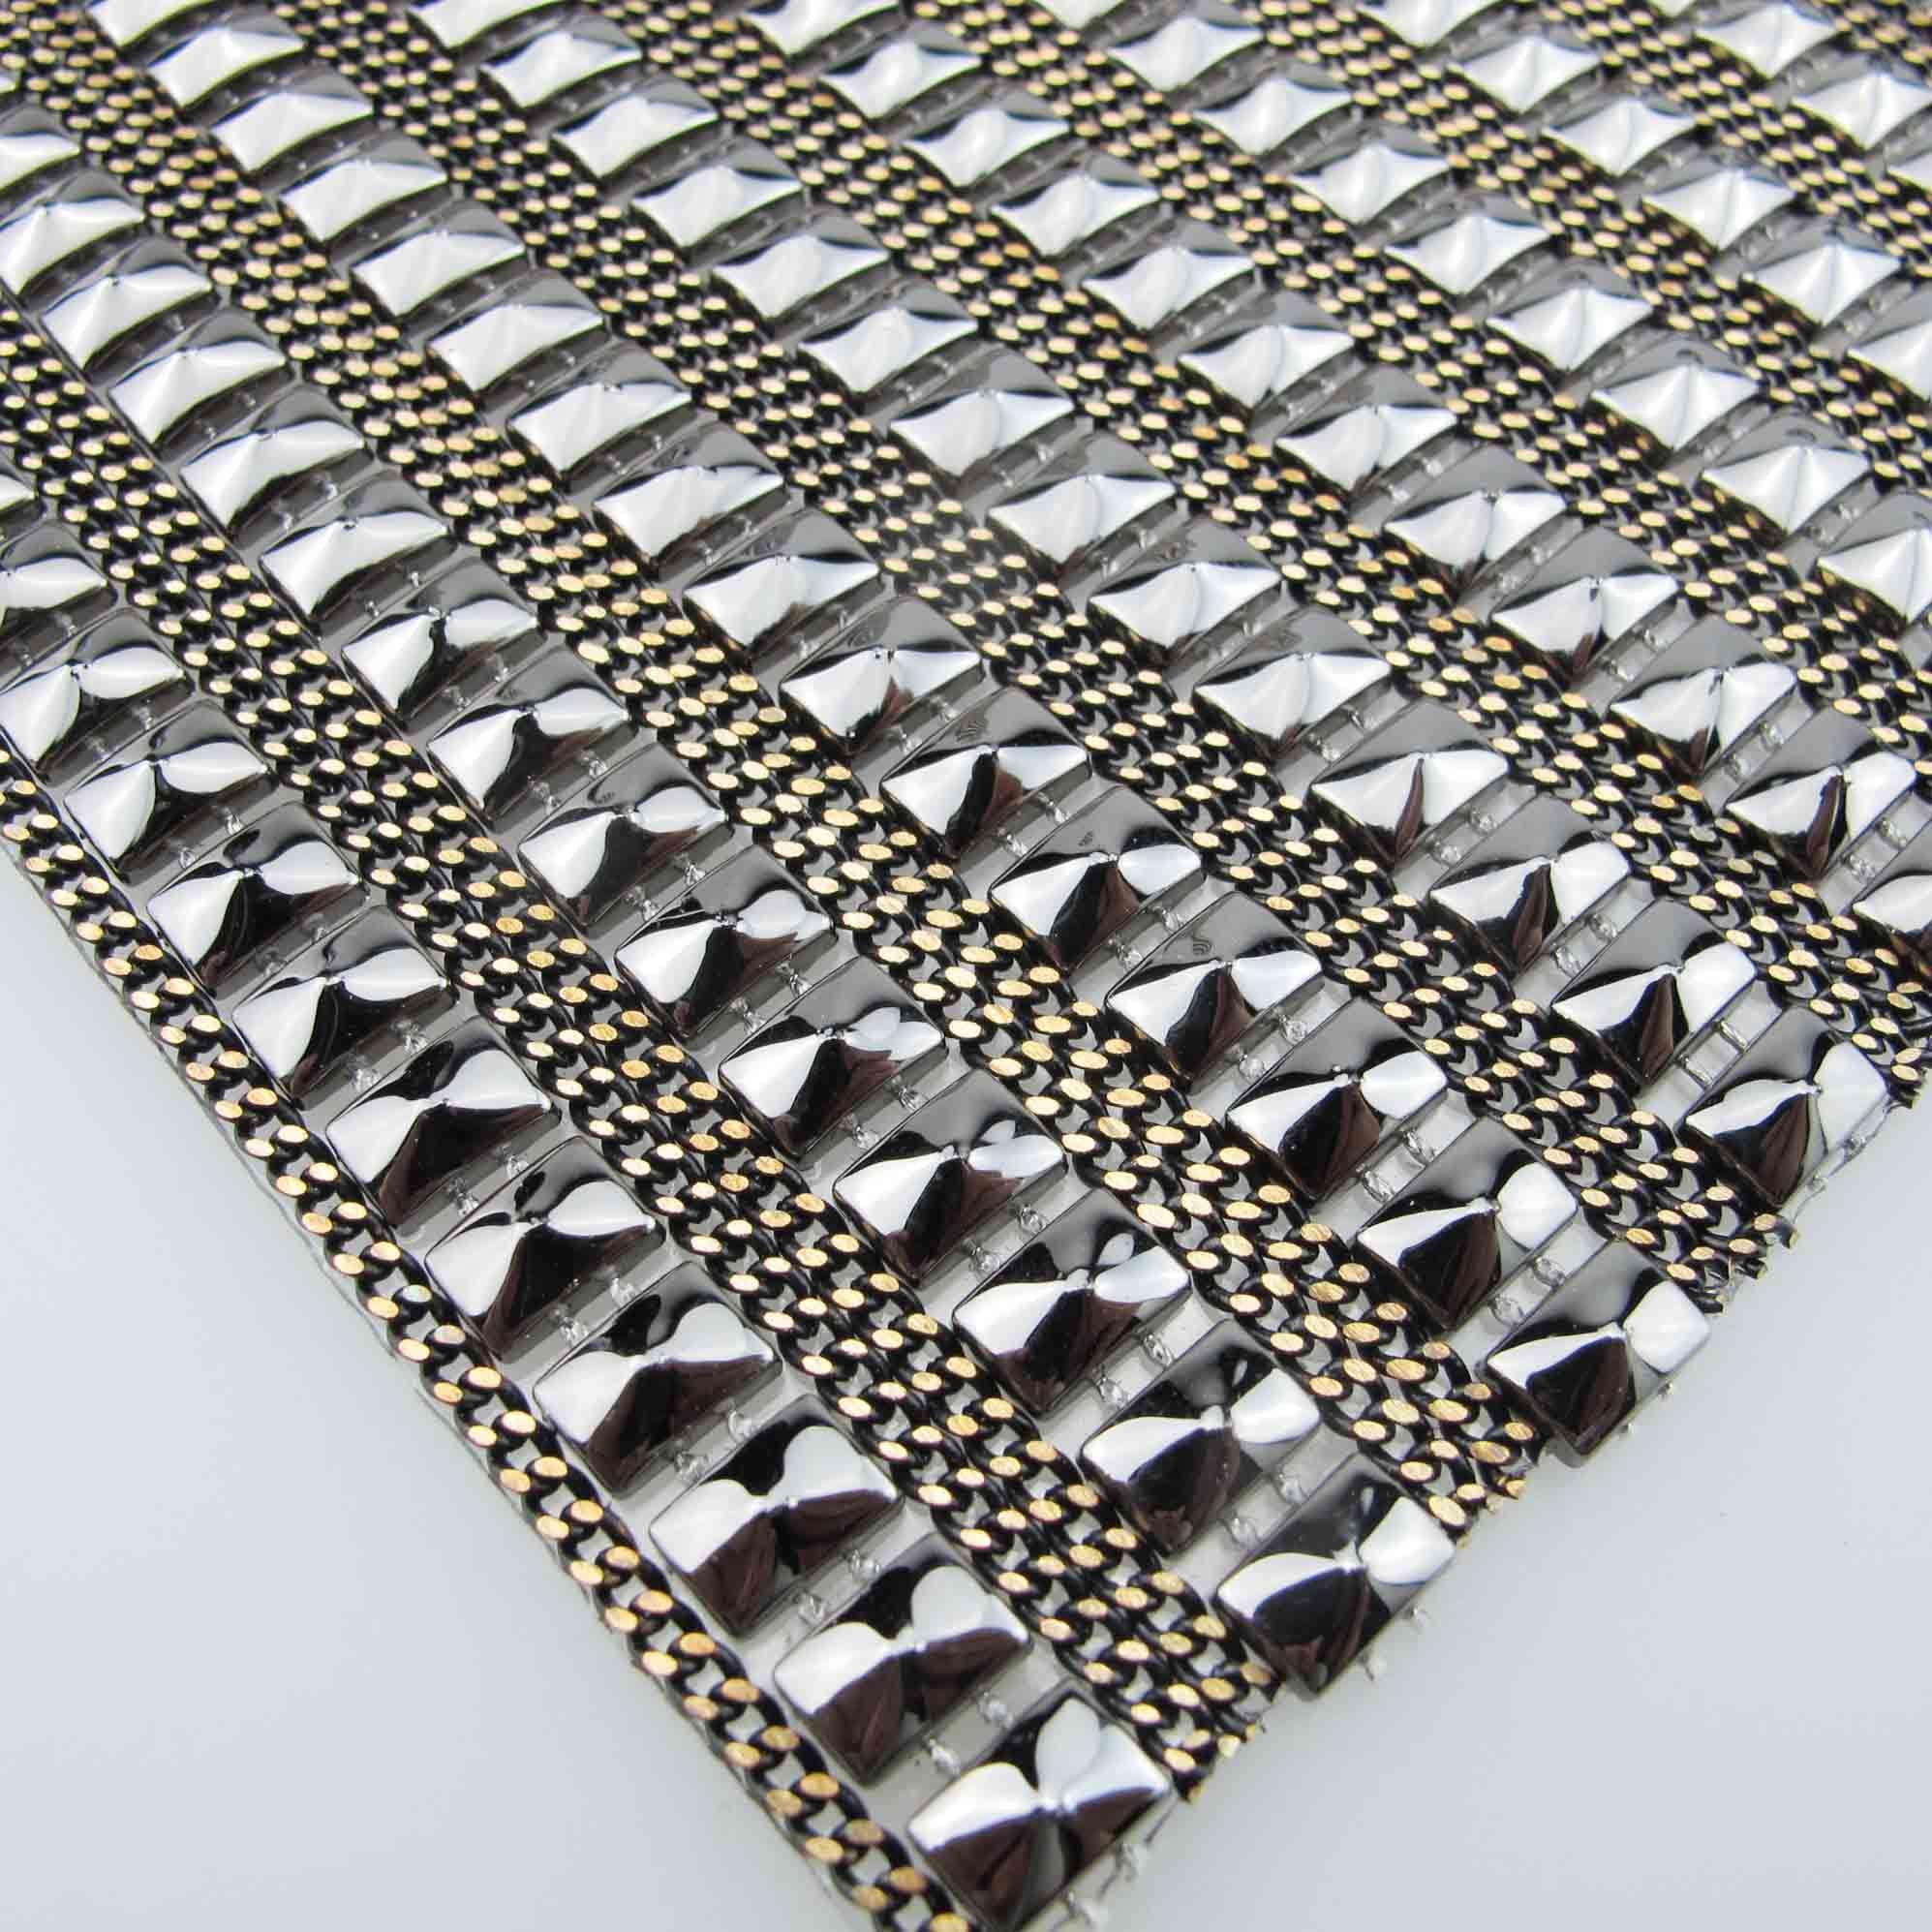 Fahsion Jewelry Chain Rhinestone Mesh